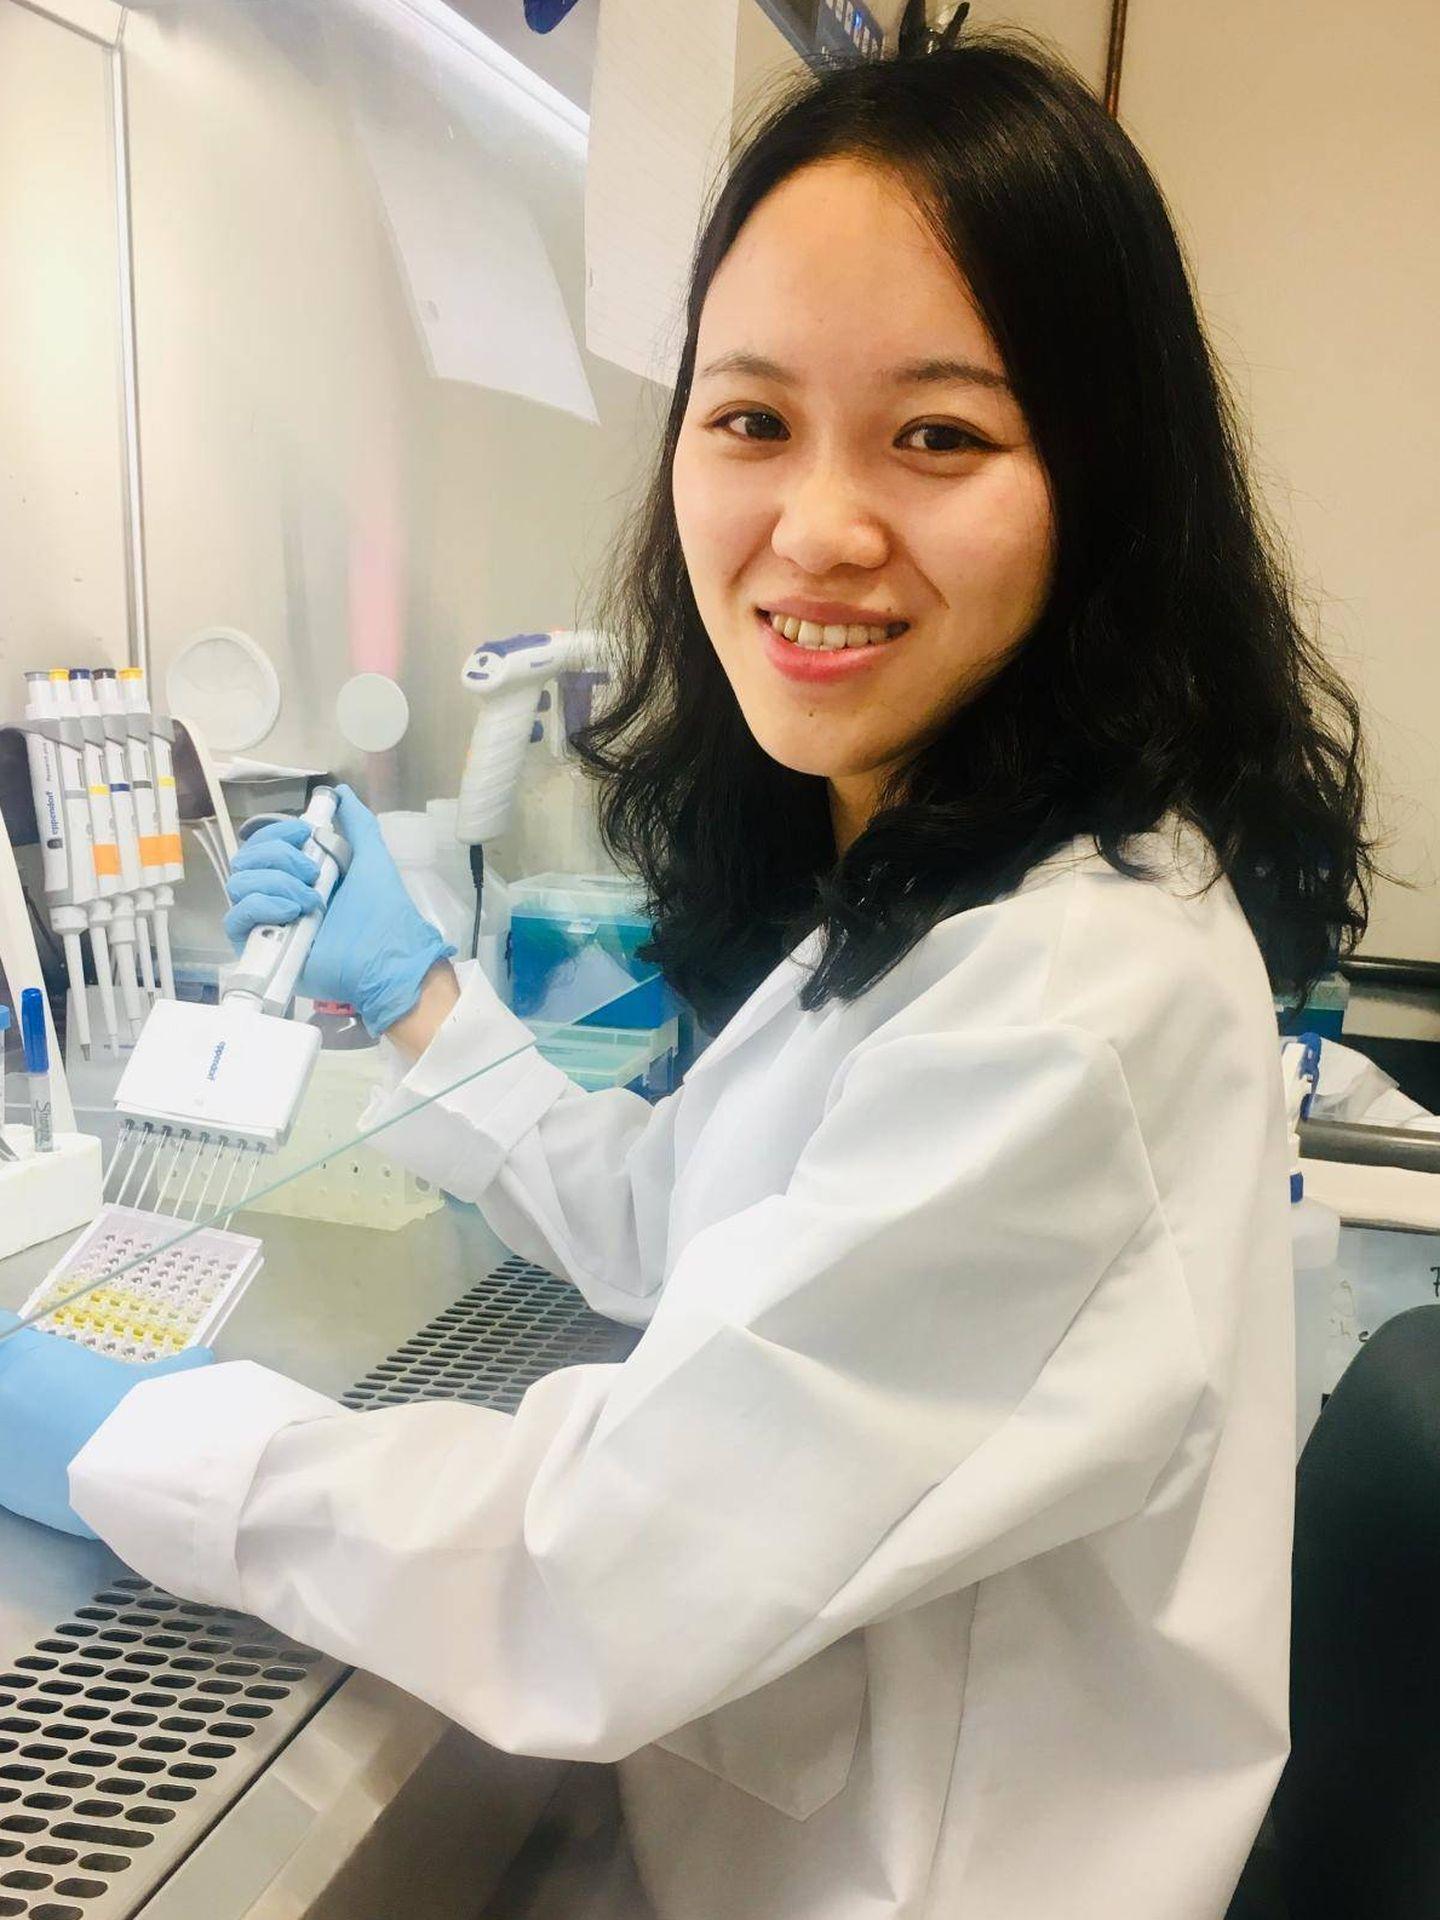 La investigadora Jianan Zhang, autora principal del estudio. (UMass Amherst)